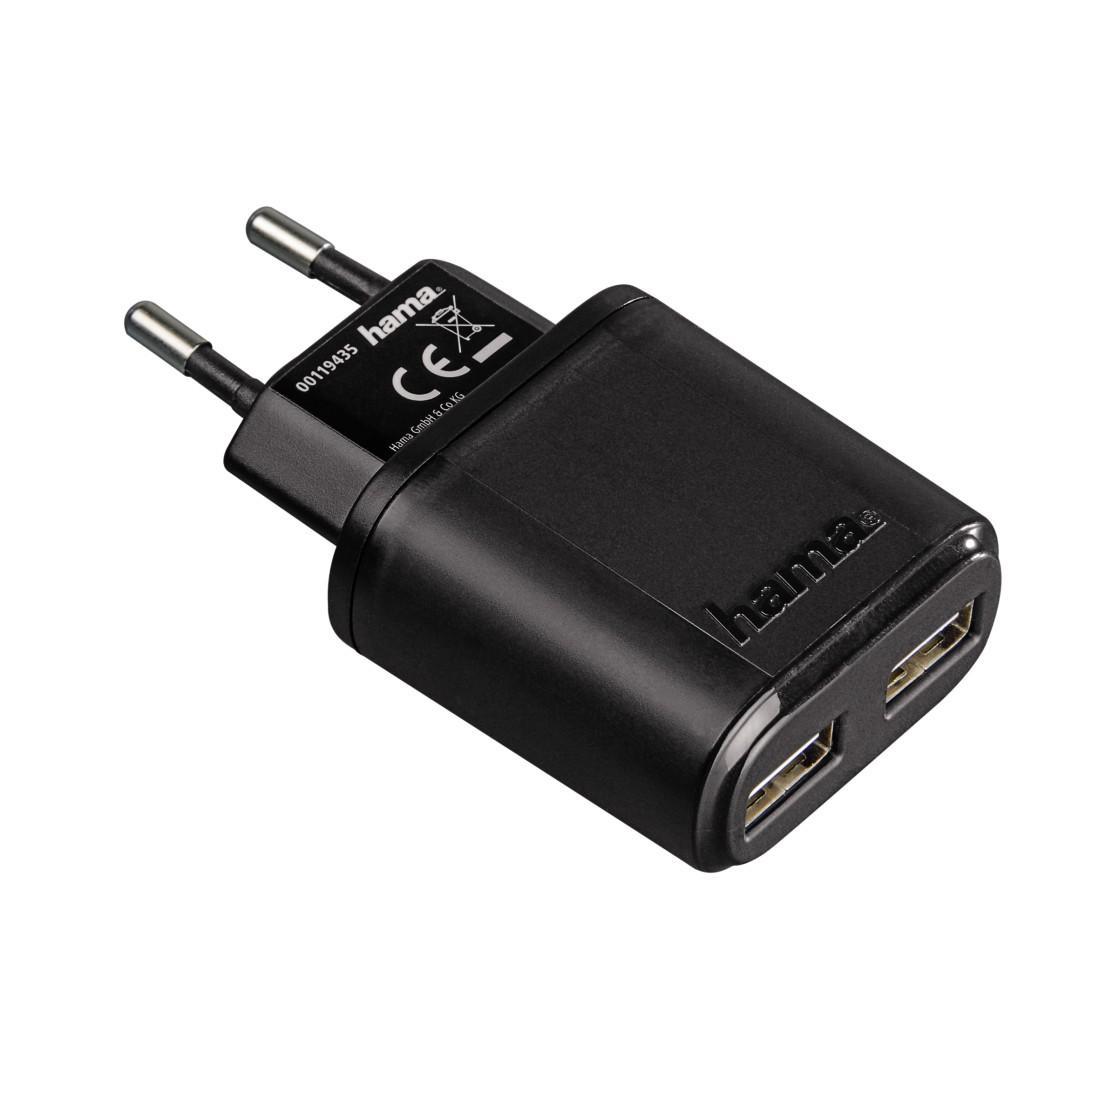 Зарядно 220V HAMA Auto-Detect 119417, 5 V/2.4 A, 2 x USB, Black